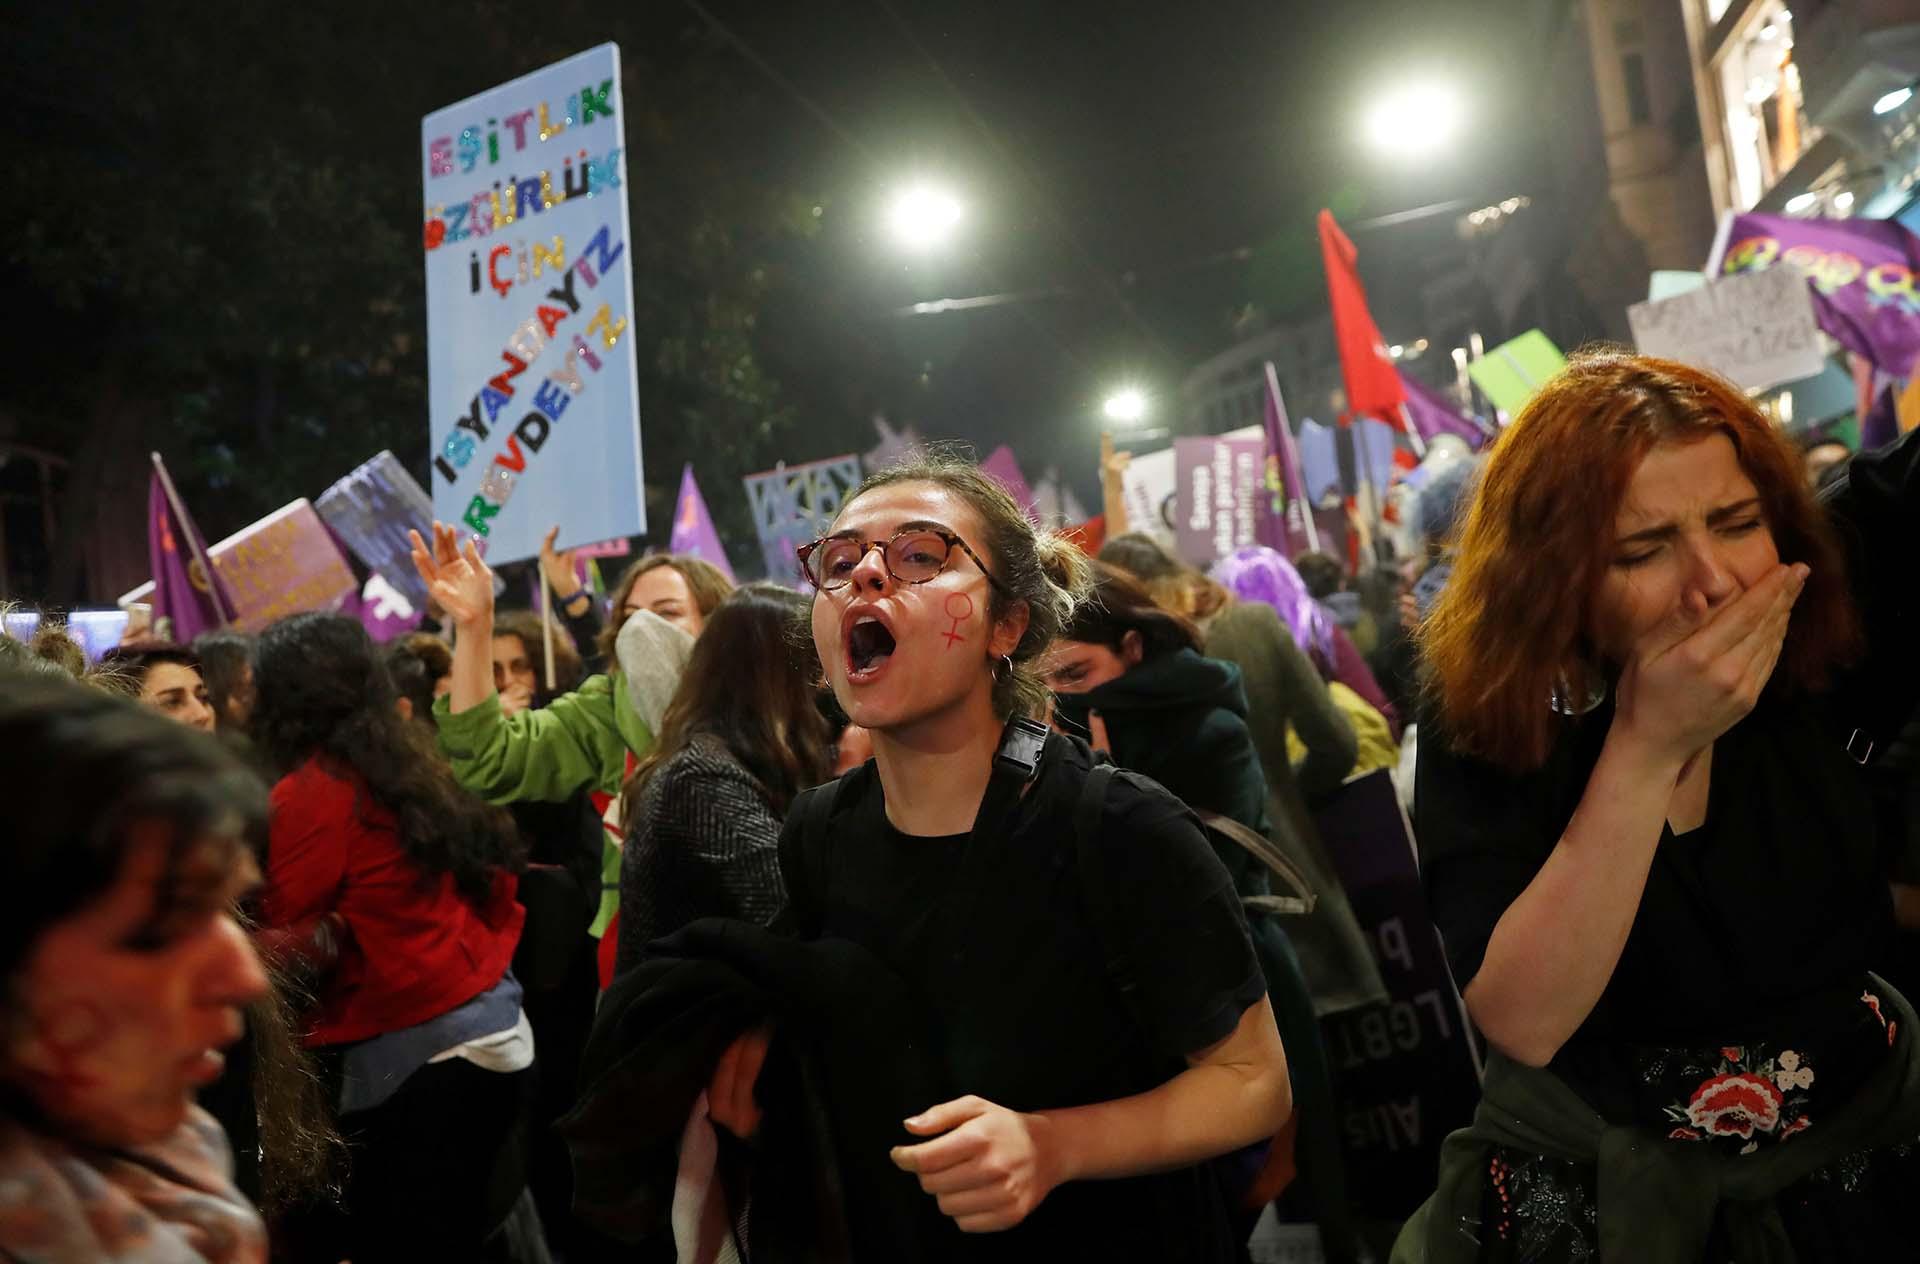 En Estambul, donde la protesta fue prohibida por el gobierno de Erdogan, las mujeres se manifestaron igual (REUTERS/Murad Sezer)